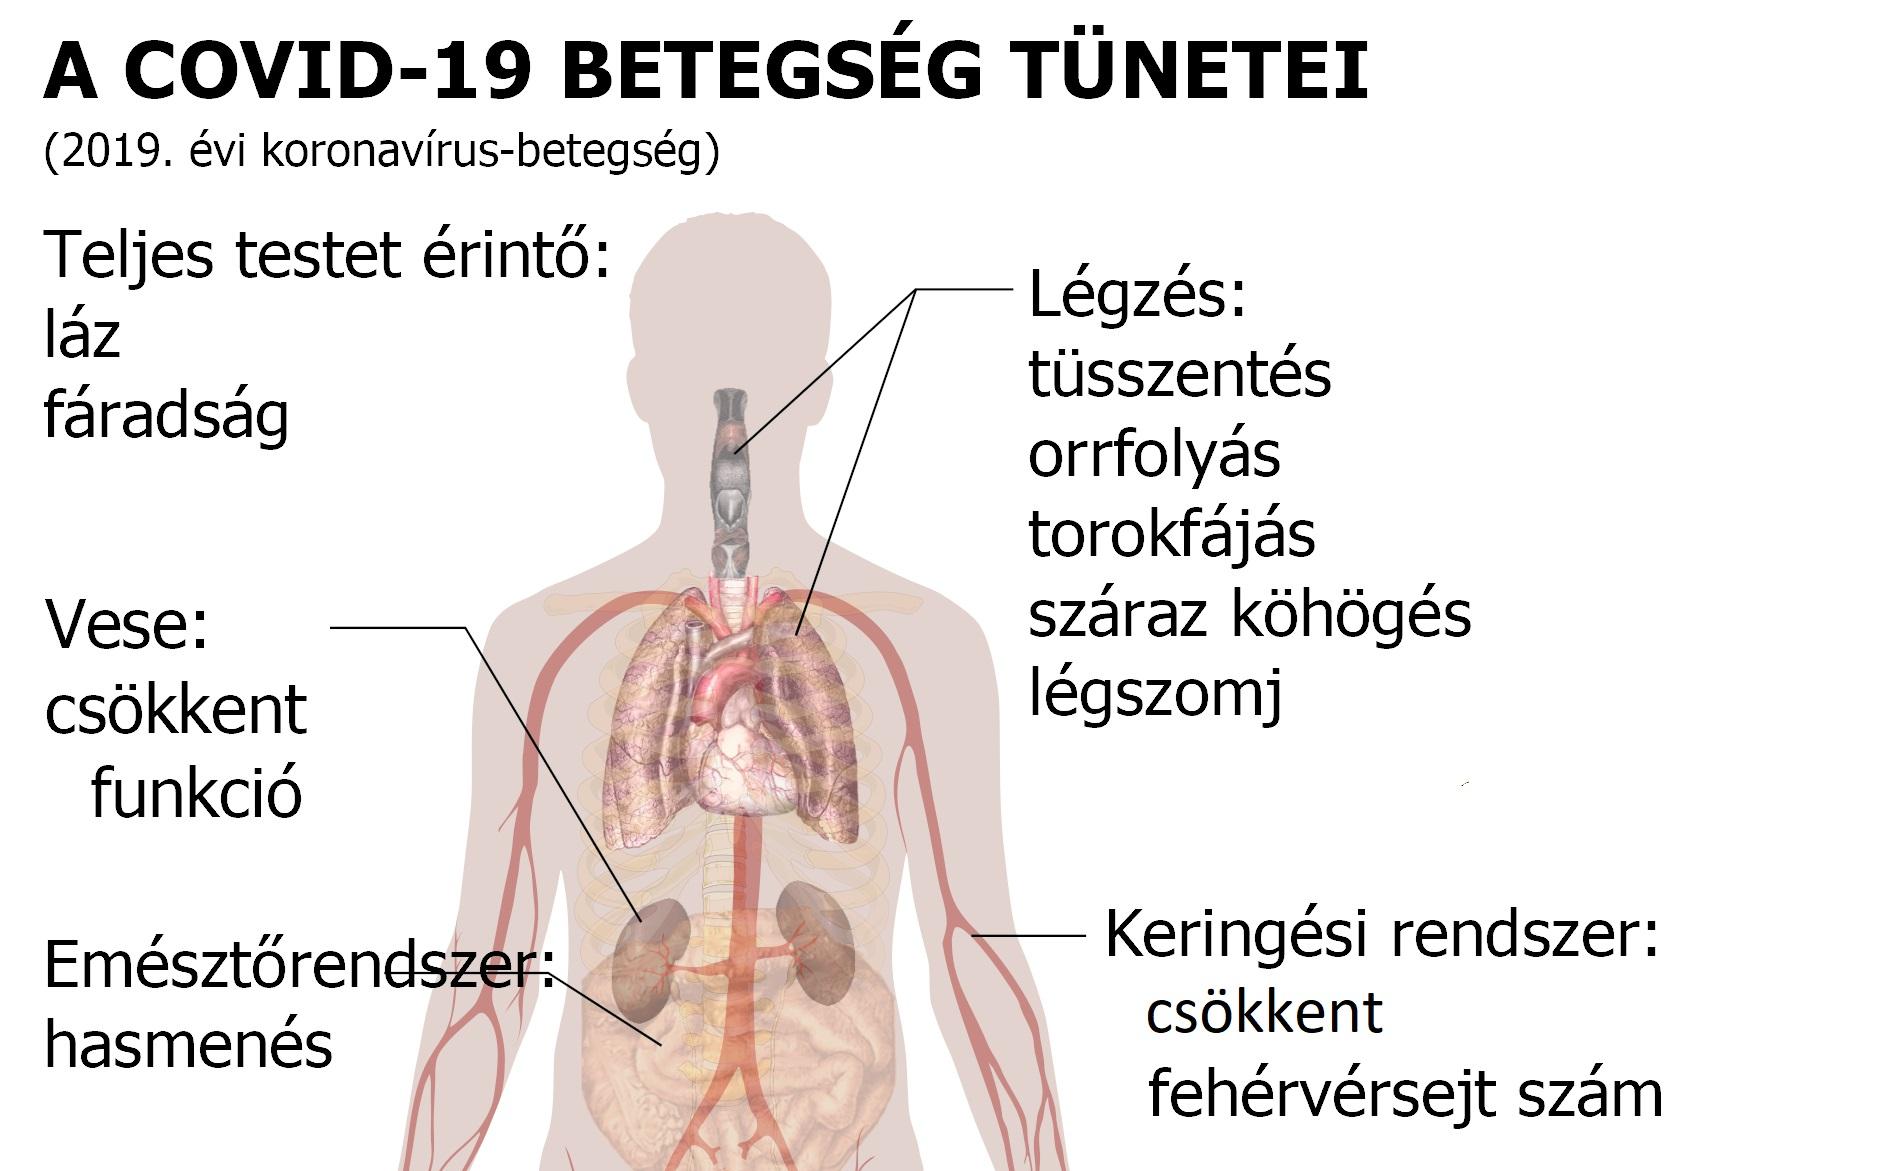 légzési technikák légzés hipertónia esetén)